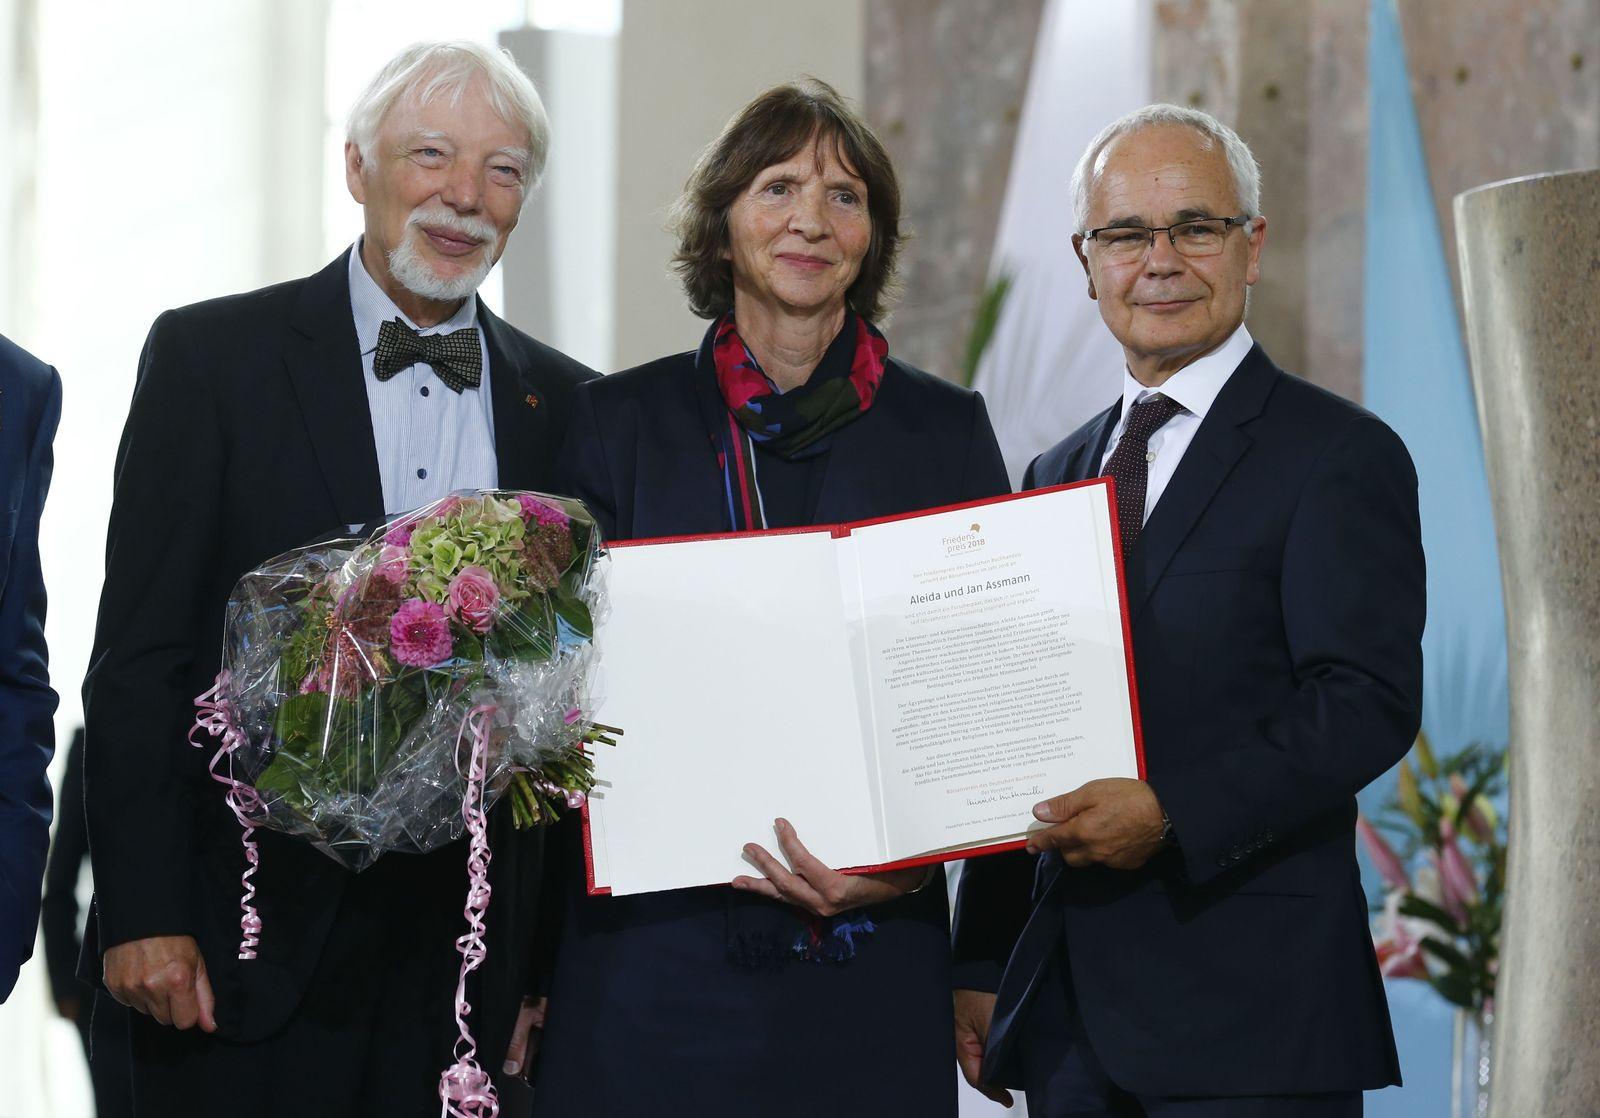 Friedenspreis Deutscher Buchhandel/ Aleida und Jan Assmann